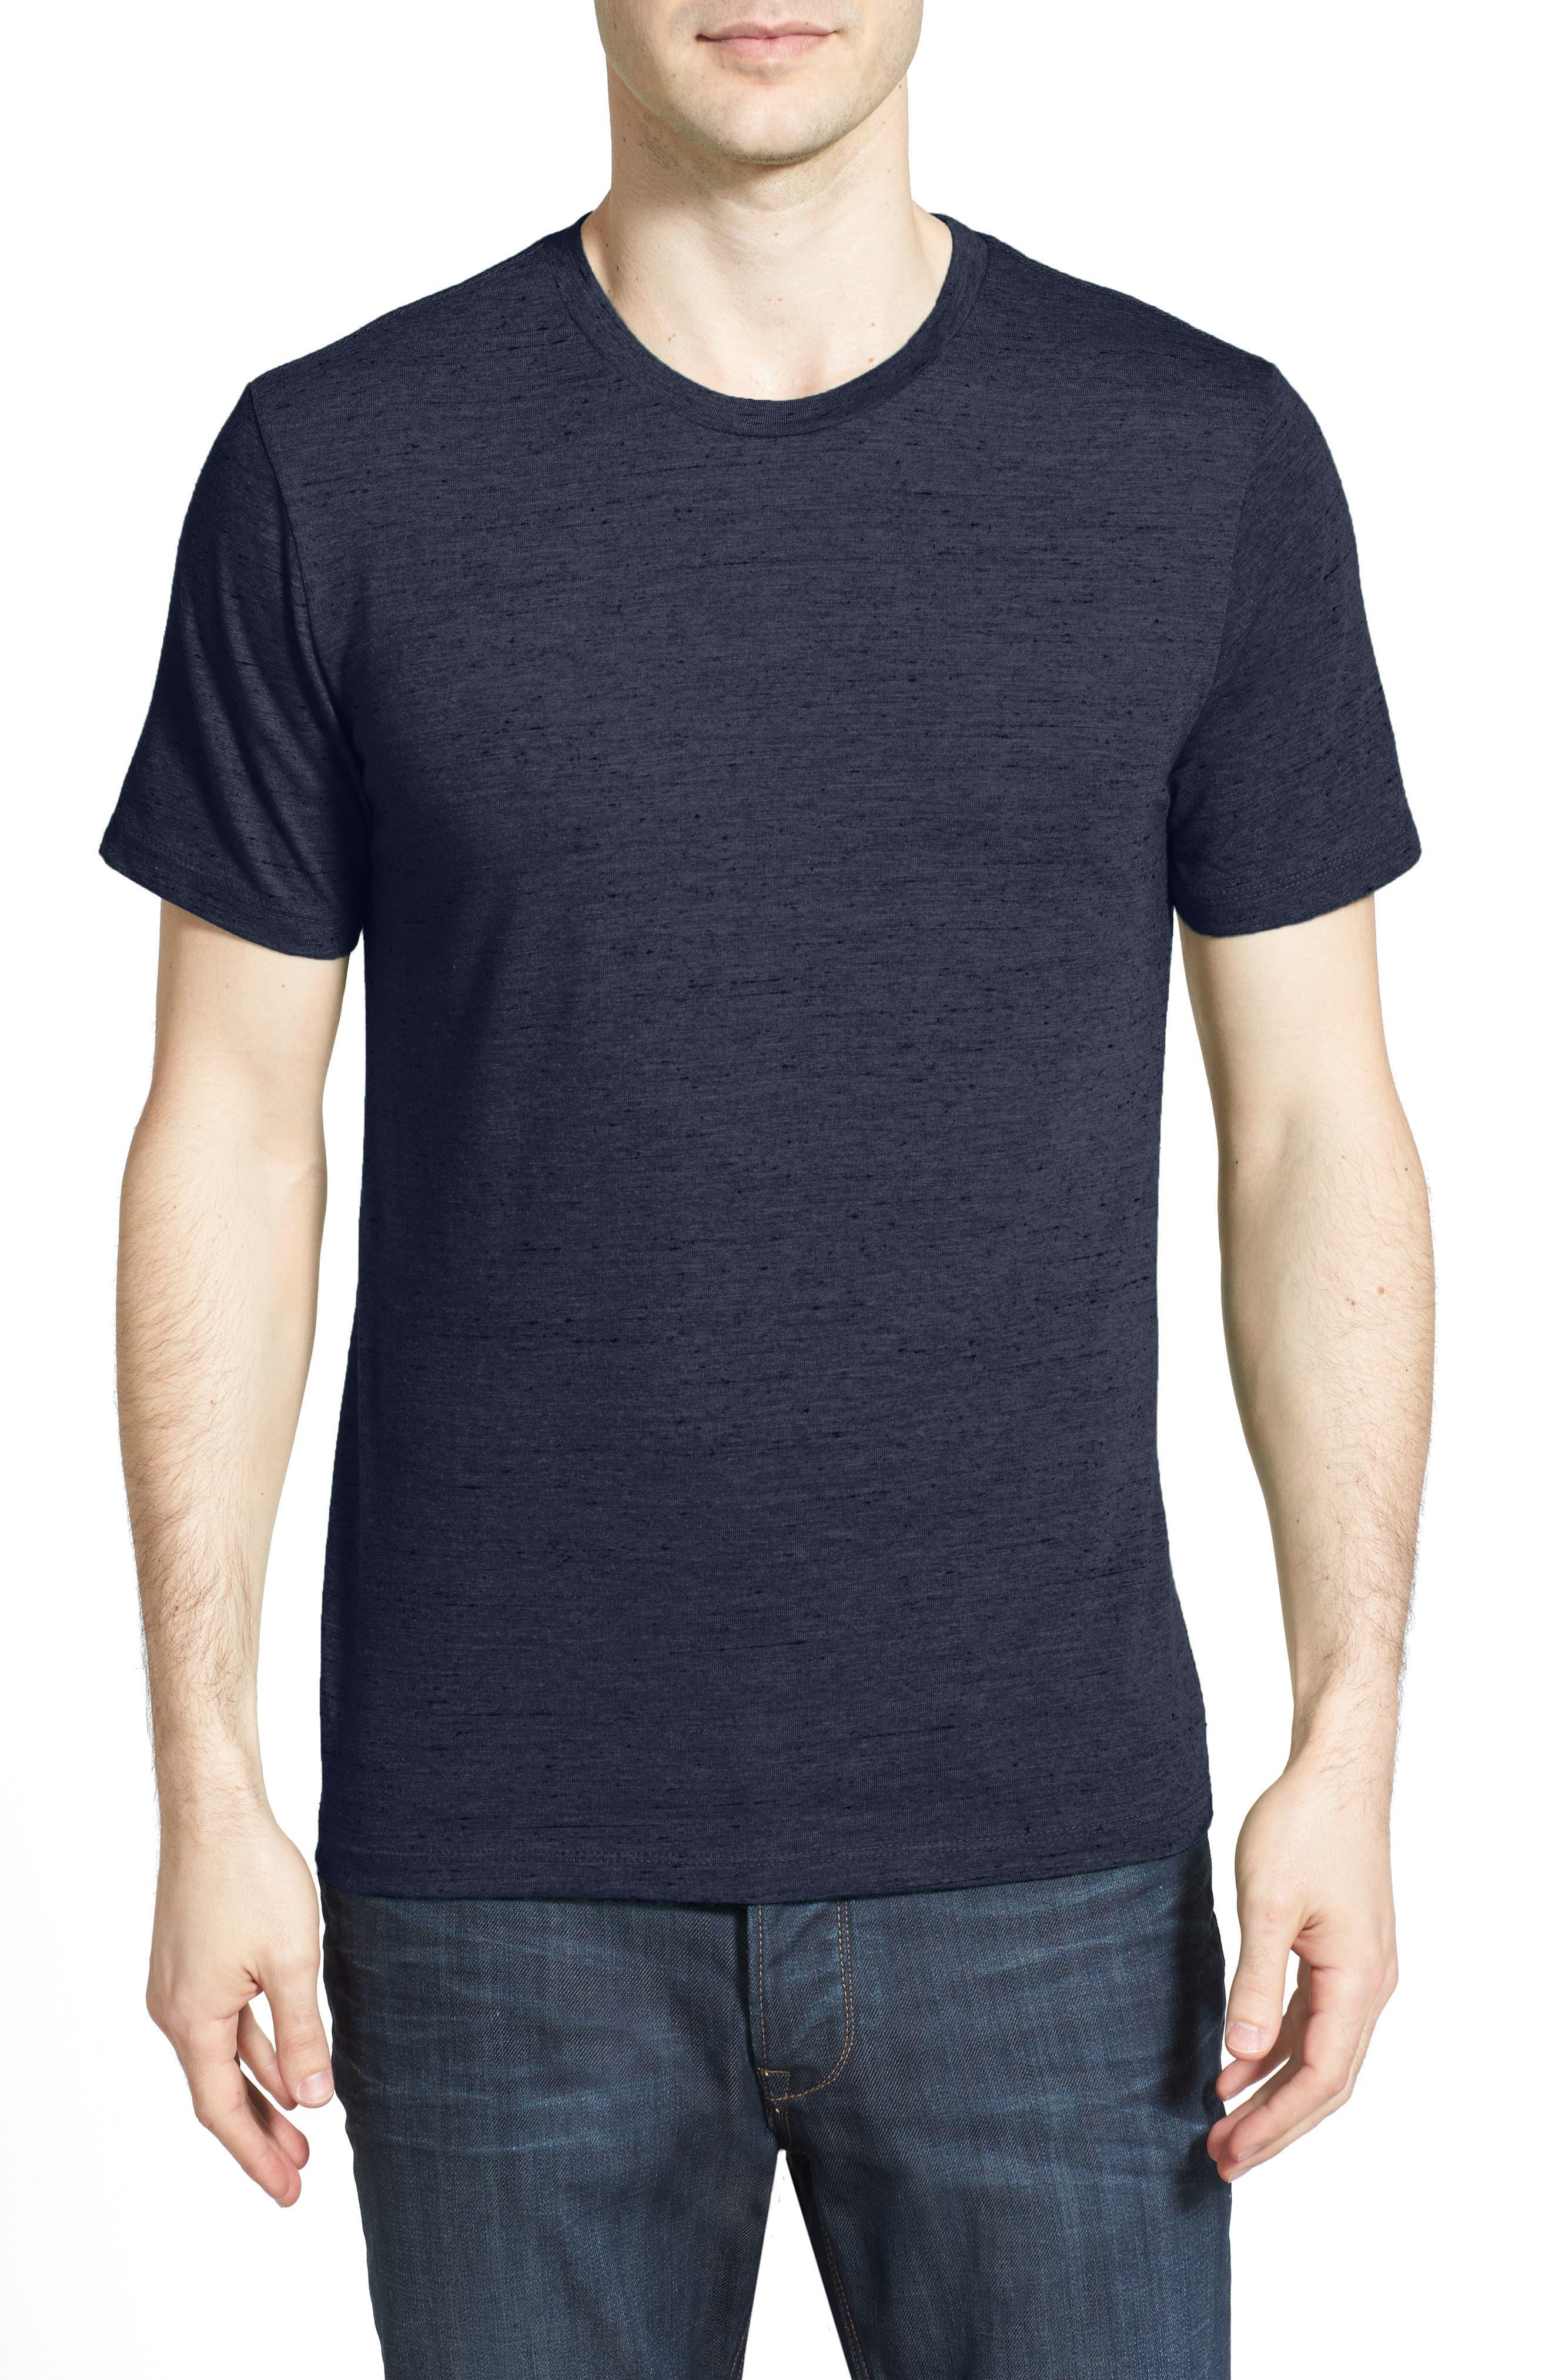 ee2a9adfa Urban Clothing, Urban Wear   Nordstrom